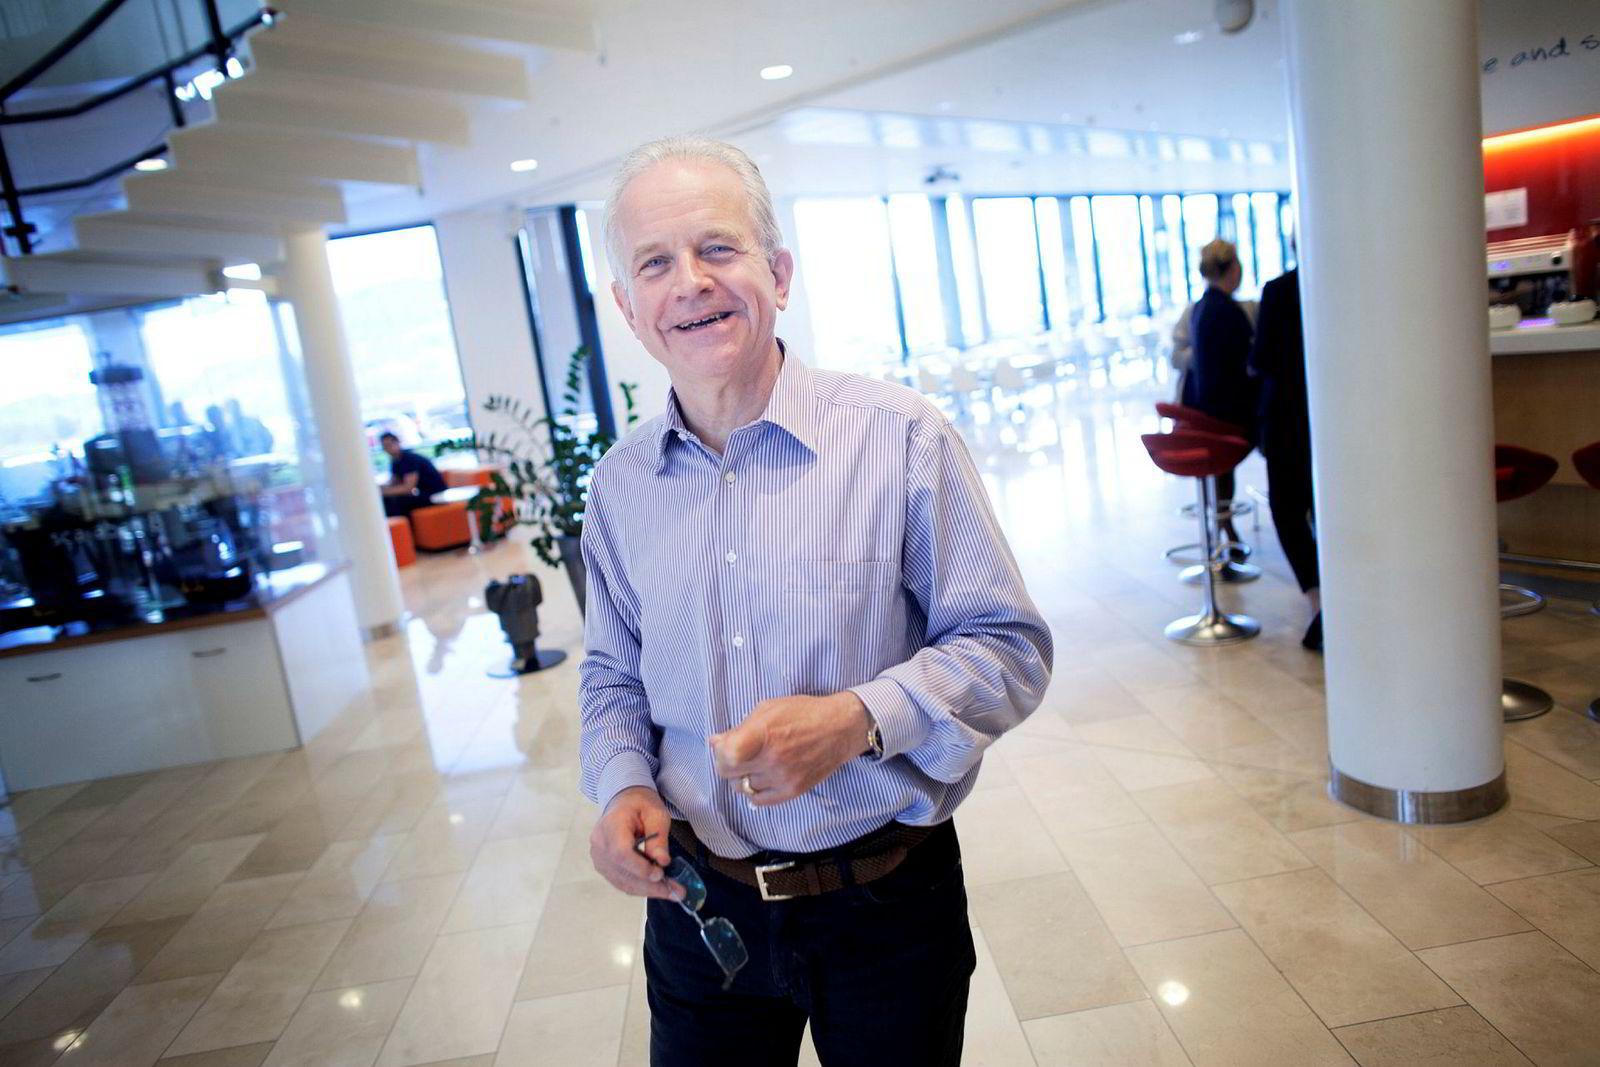 Philip Hemmens, sjef for Eni i Norge, blir styreleder i det nye selskapet.